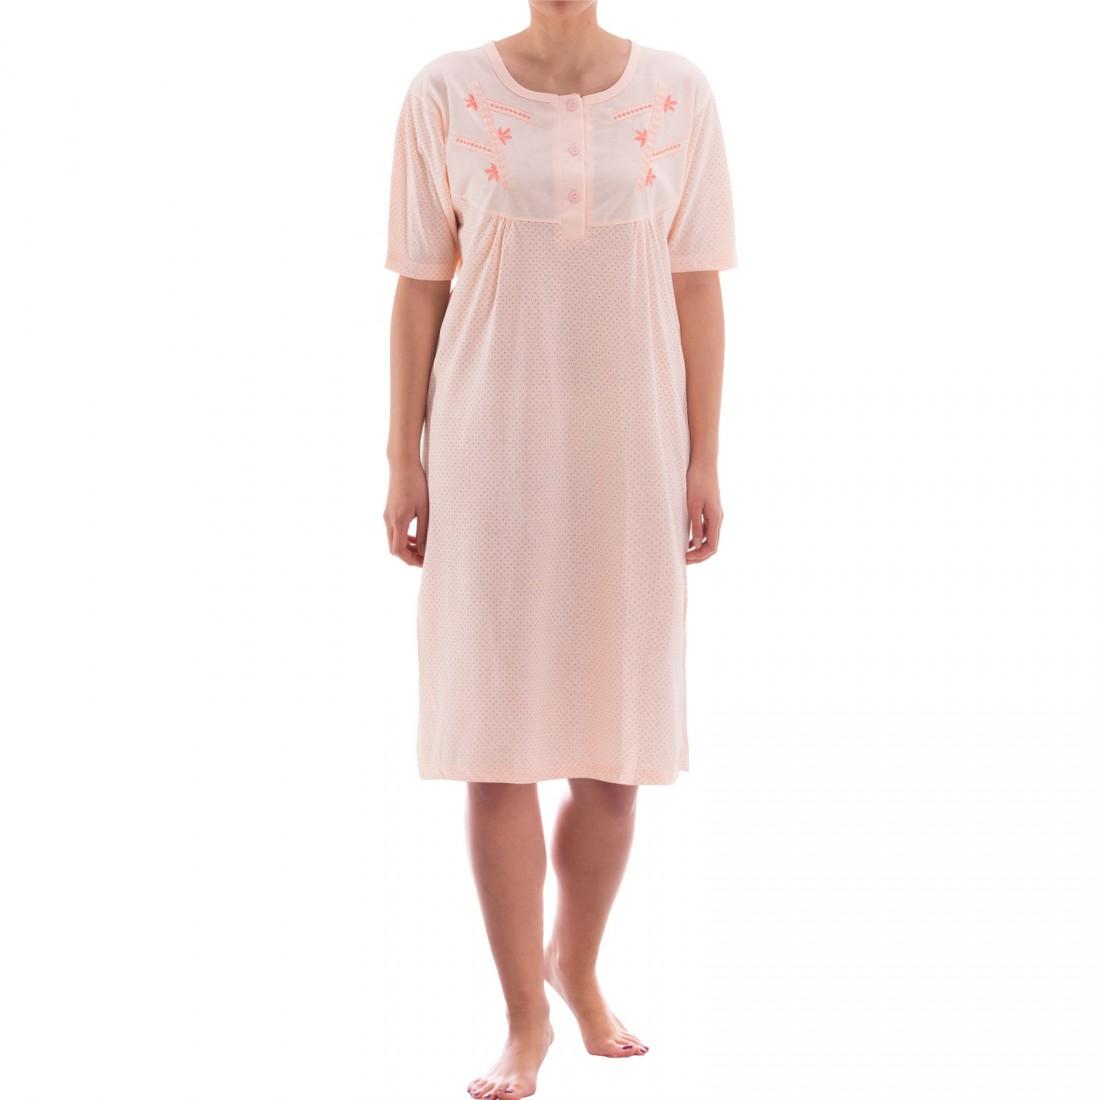 zeitlos nachthemd kurzarm im punkte design damen nachtw sche nachthemden kurzarm. Black Bedroom Furniture Sets. Home Design Ideas